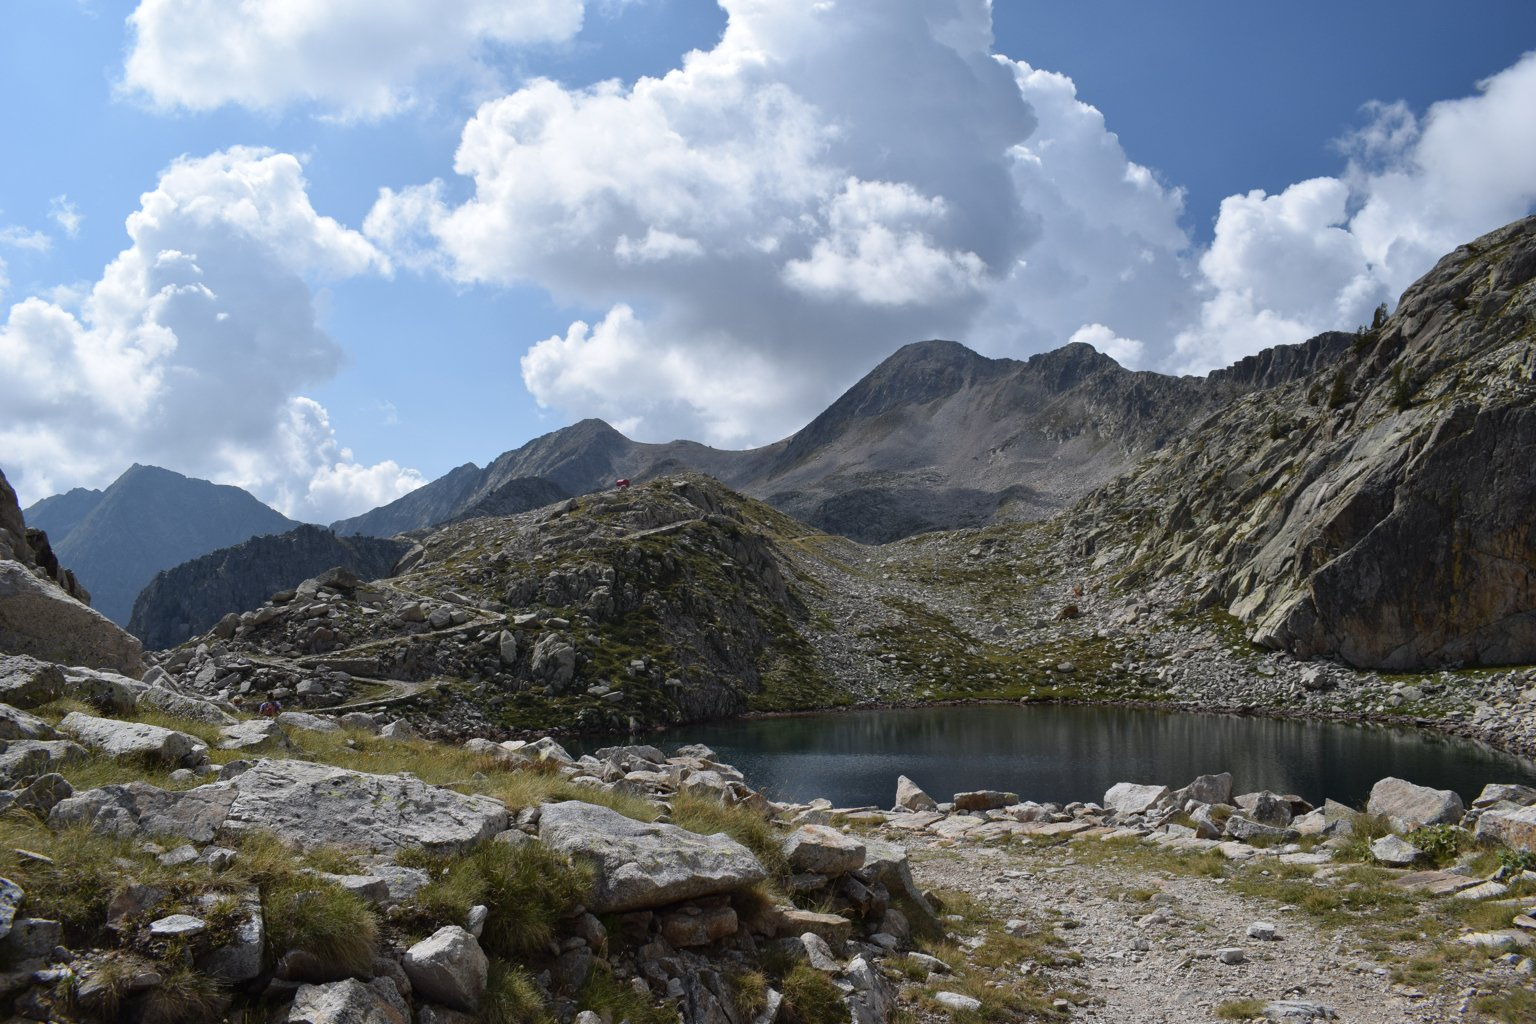 La meta vista dal lago mediano di Fremamorta